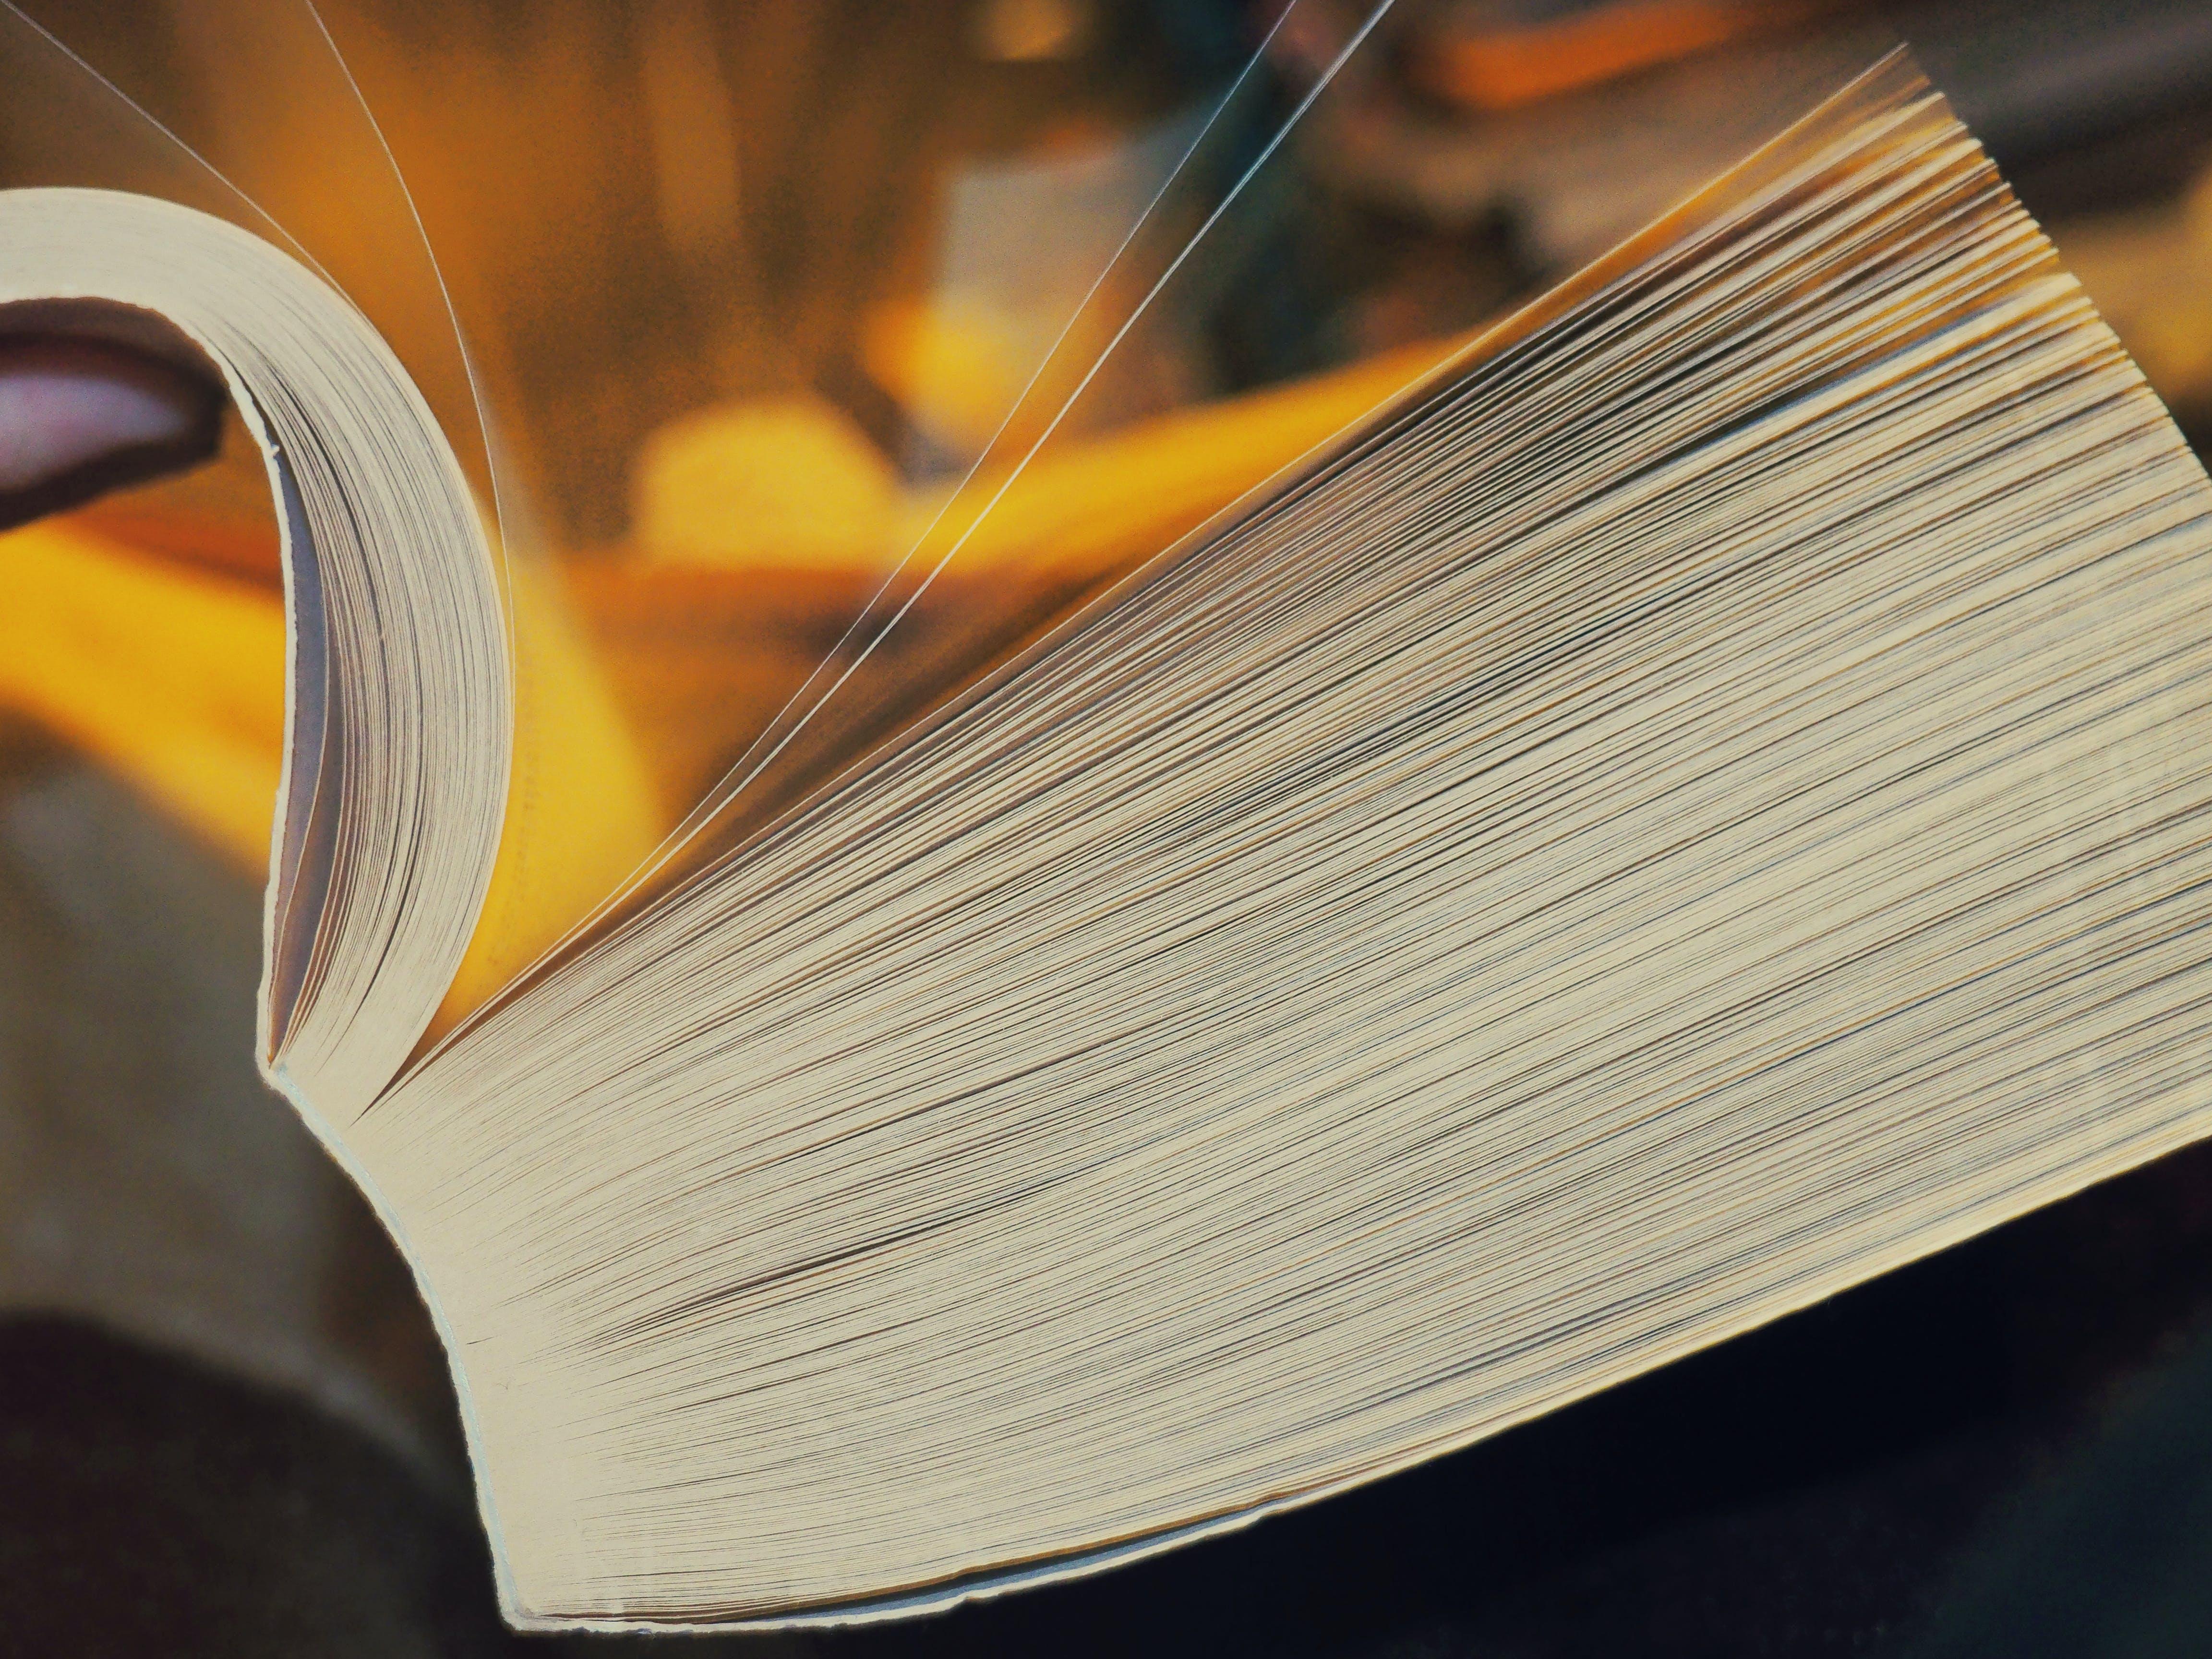 백과사전, 책 페이지, 클로즈업, 페이지의 무료 스톡 사진